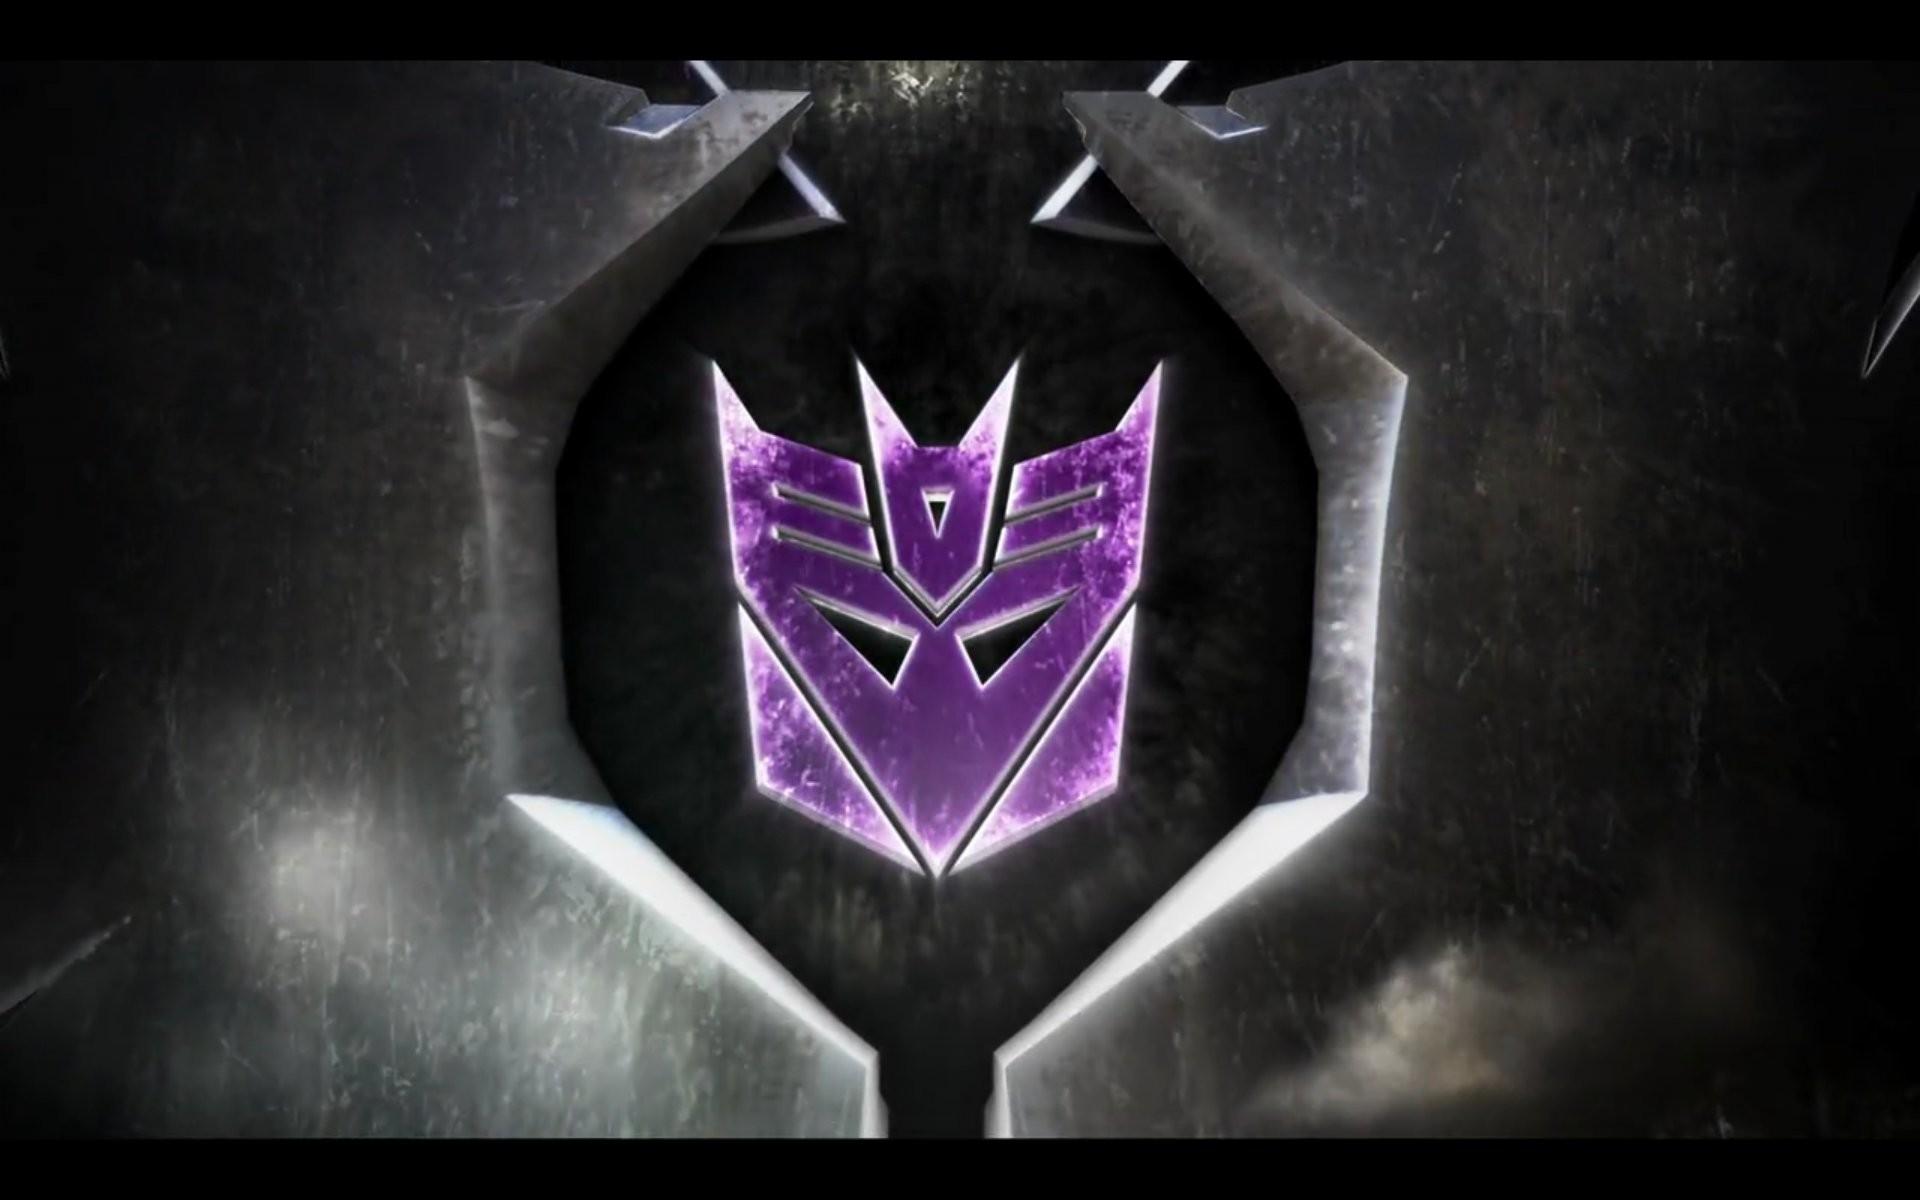 Transformers Decepticons Wallpaper